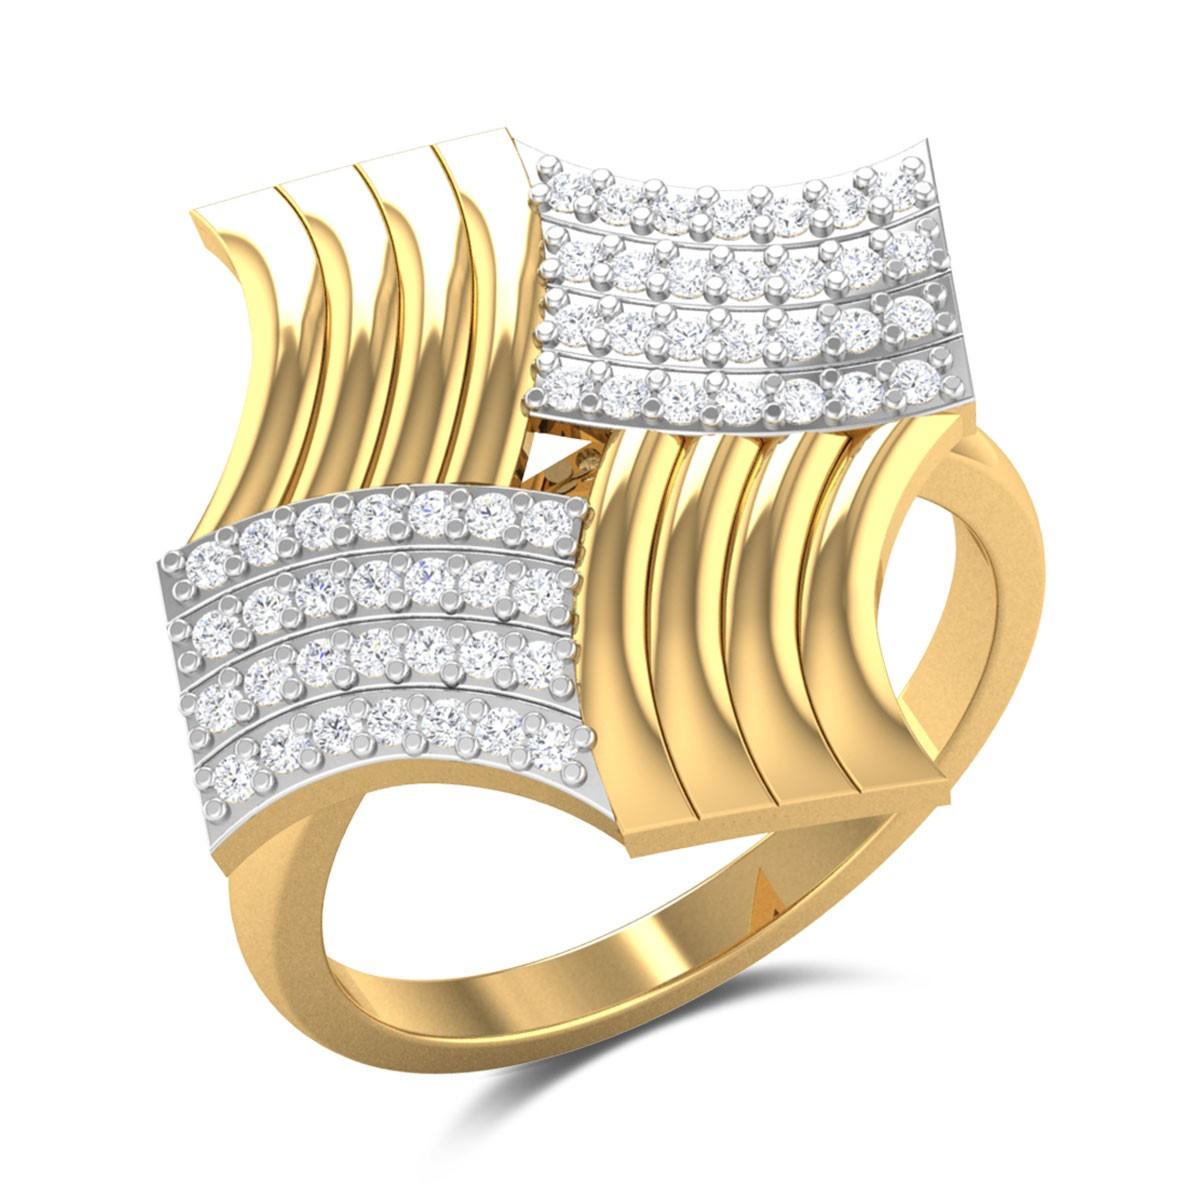 Kanshin Diamond Cocktail Ring